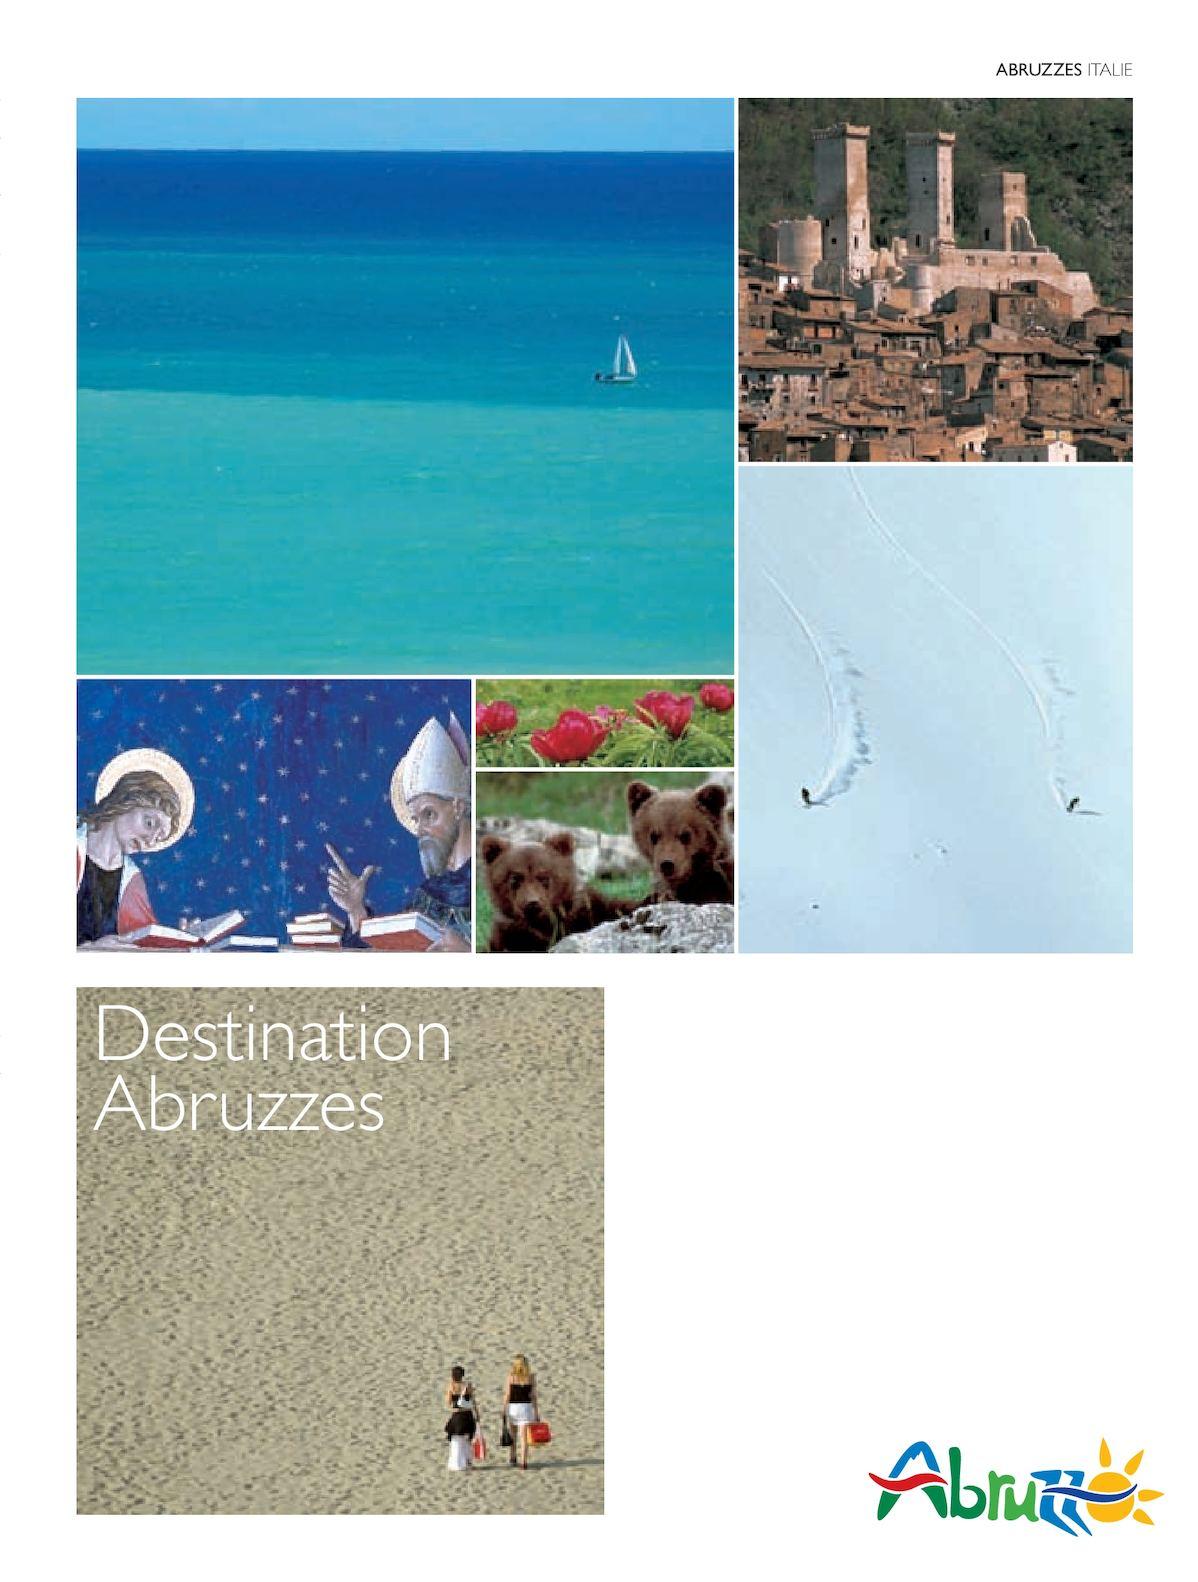 Acheter Une Maison En Italie Abruzzes calaméo - destination abruzzes